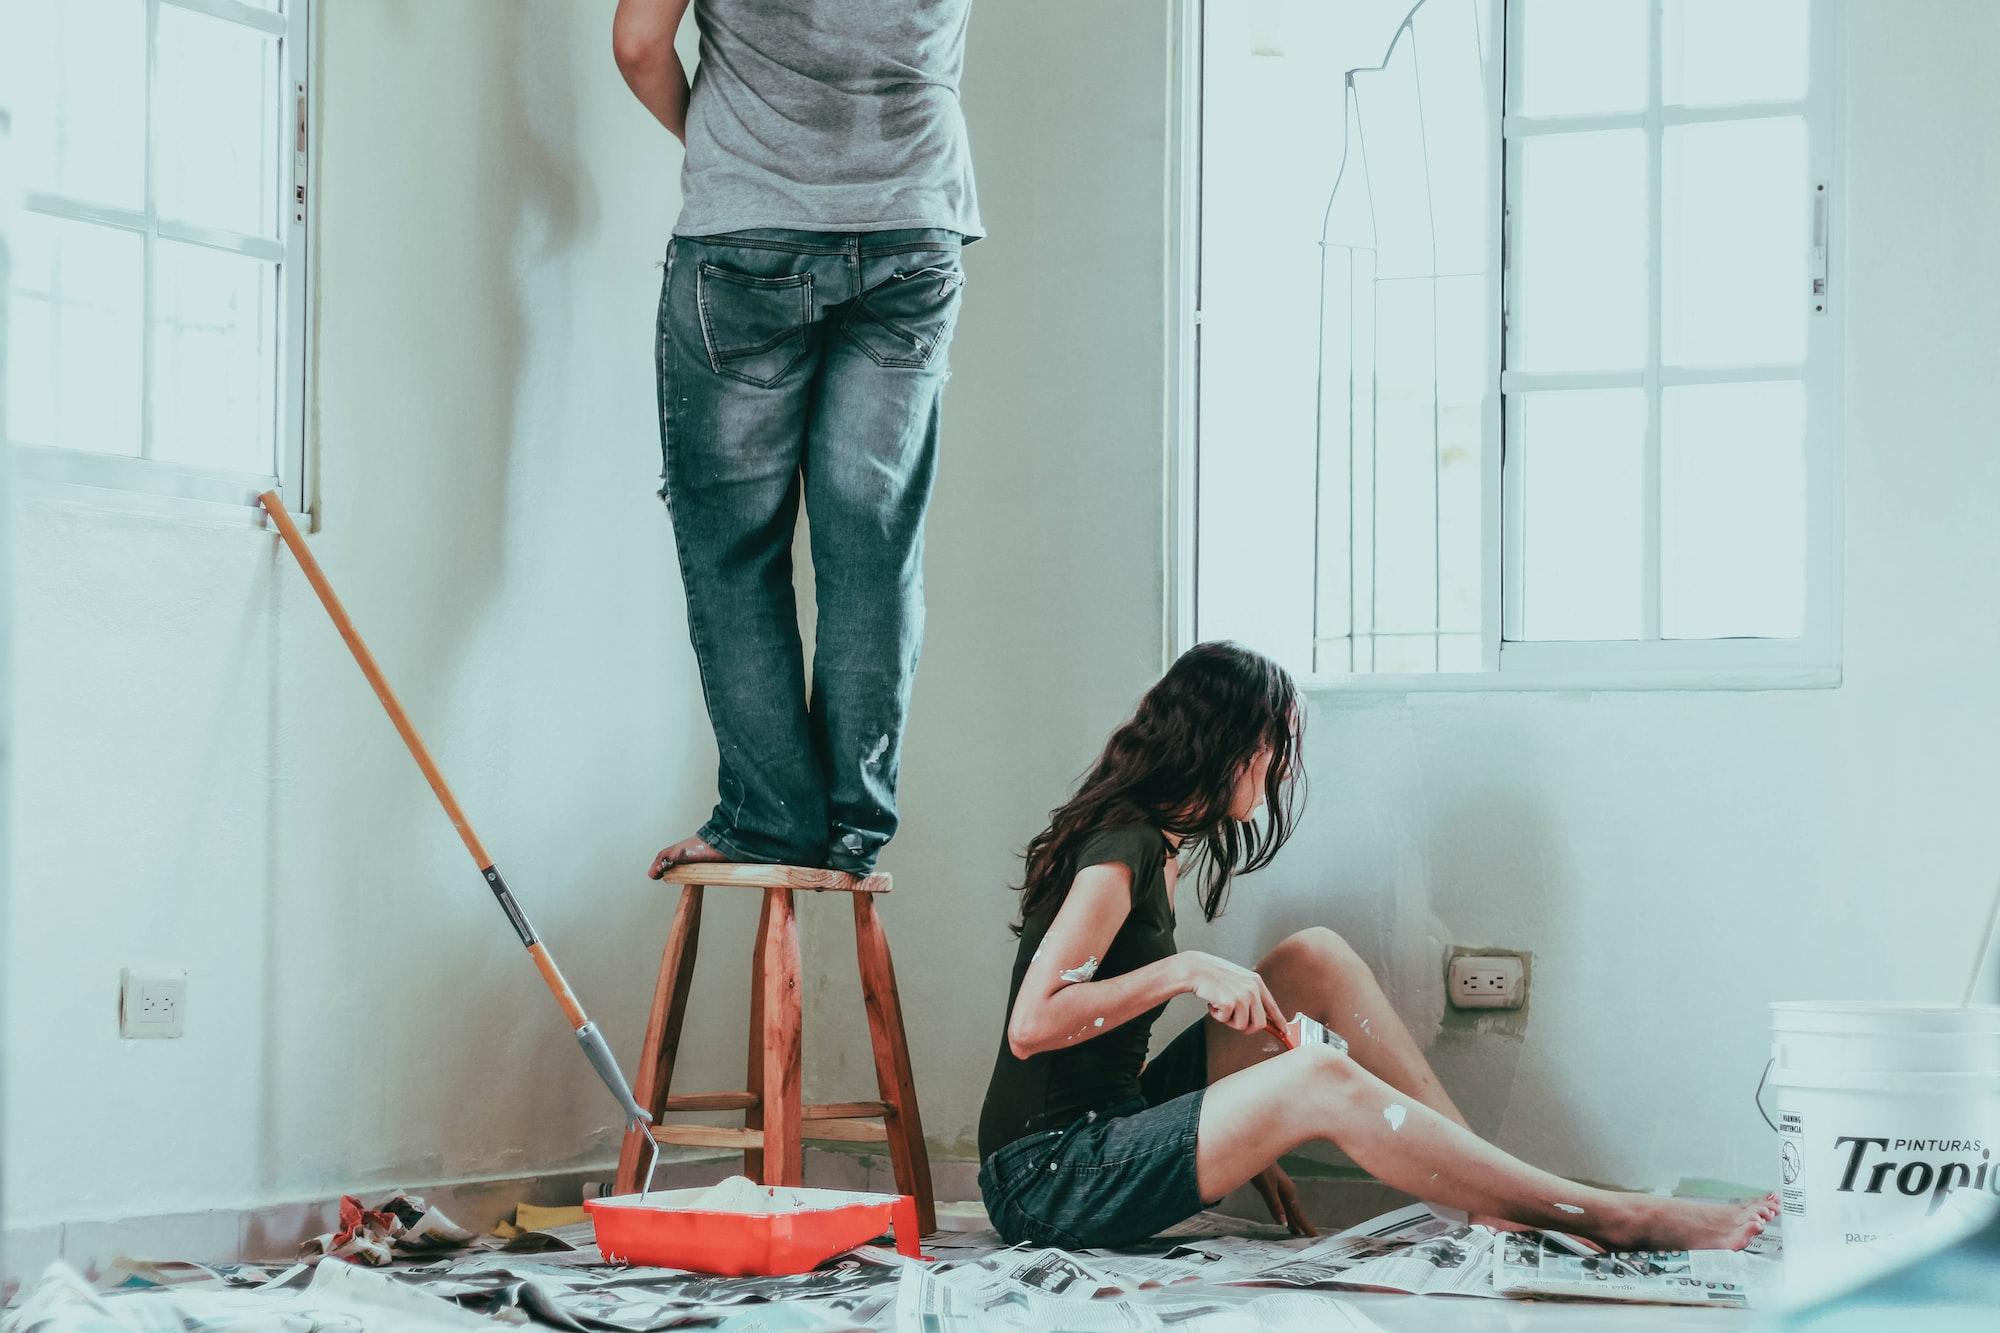 Casal pintando um cômodo de branco, mulher sentada e as pernas de um homem que pinta aparentemente um local mais alto .